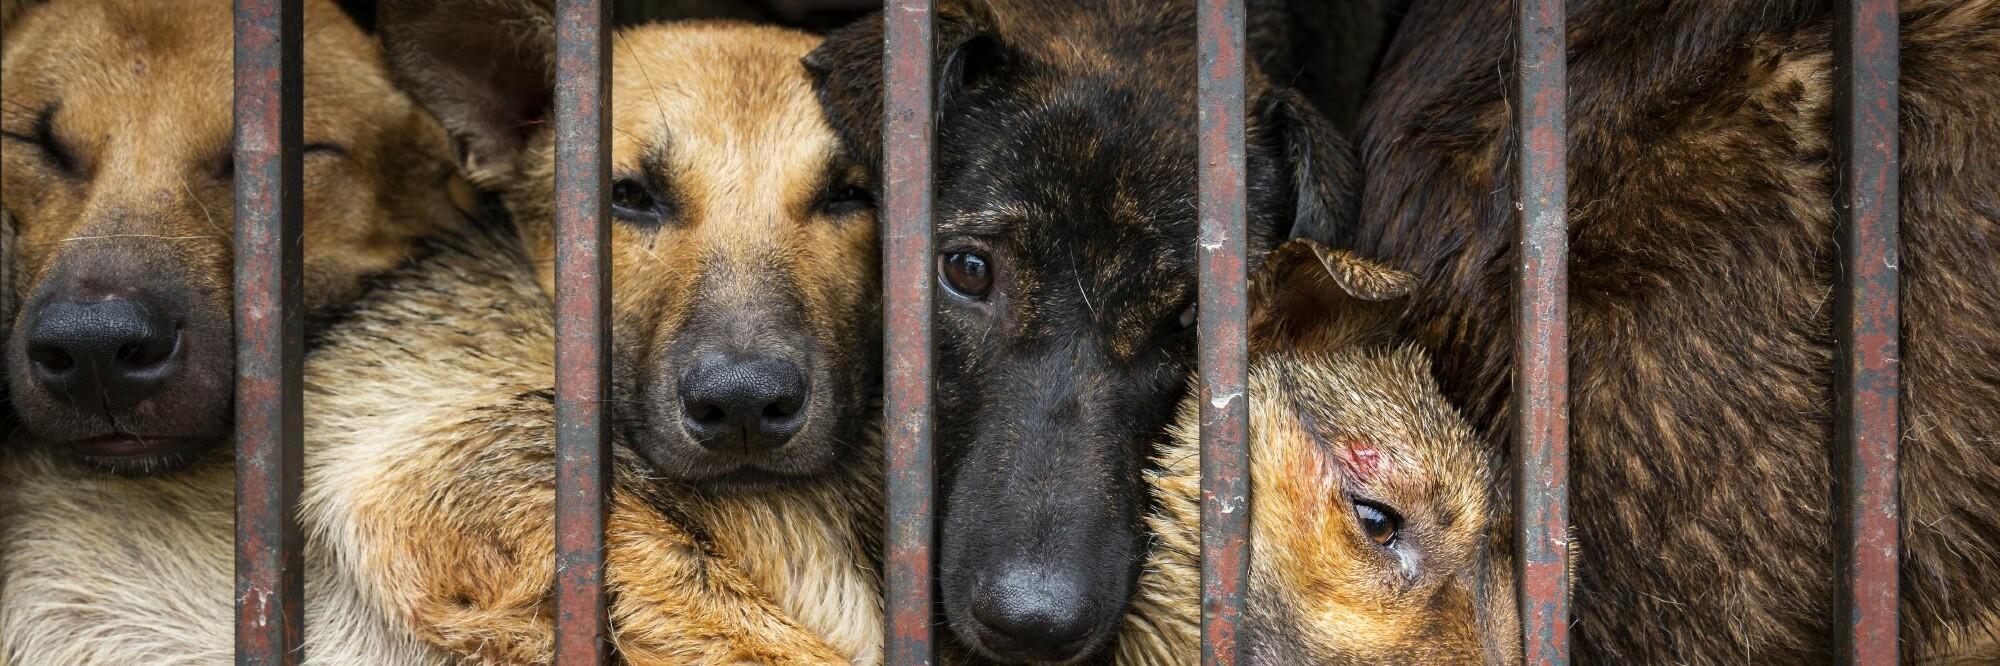 Những chú chó bị nhốt trong chuồng